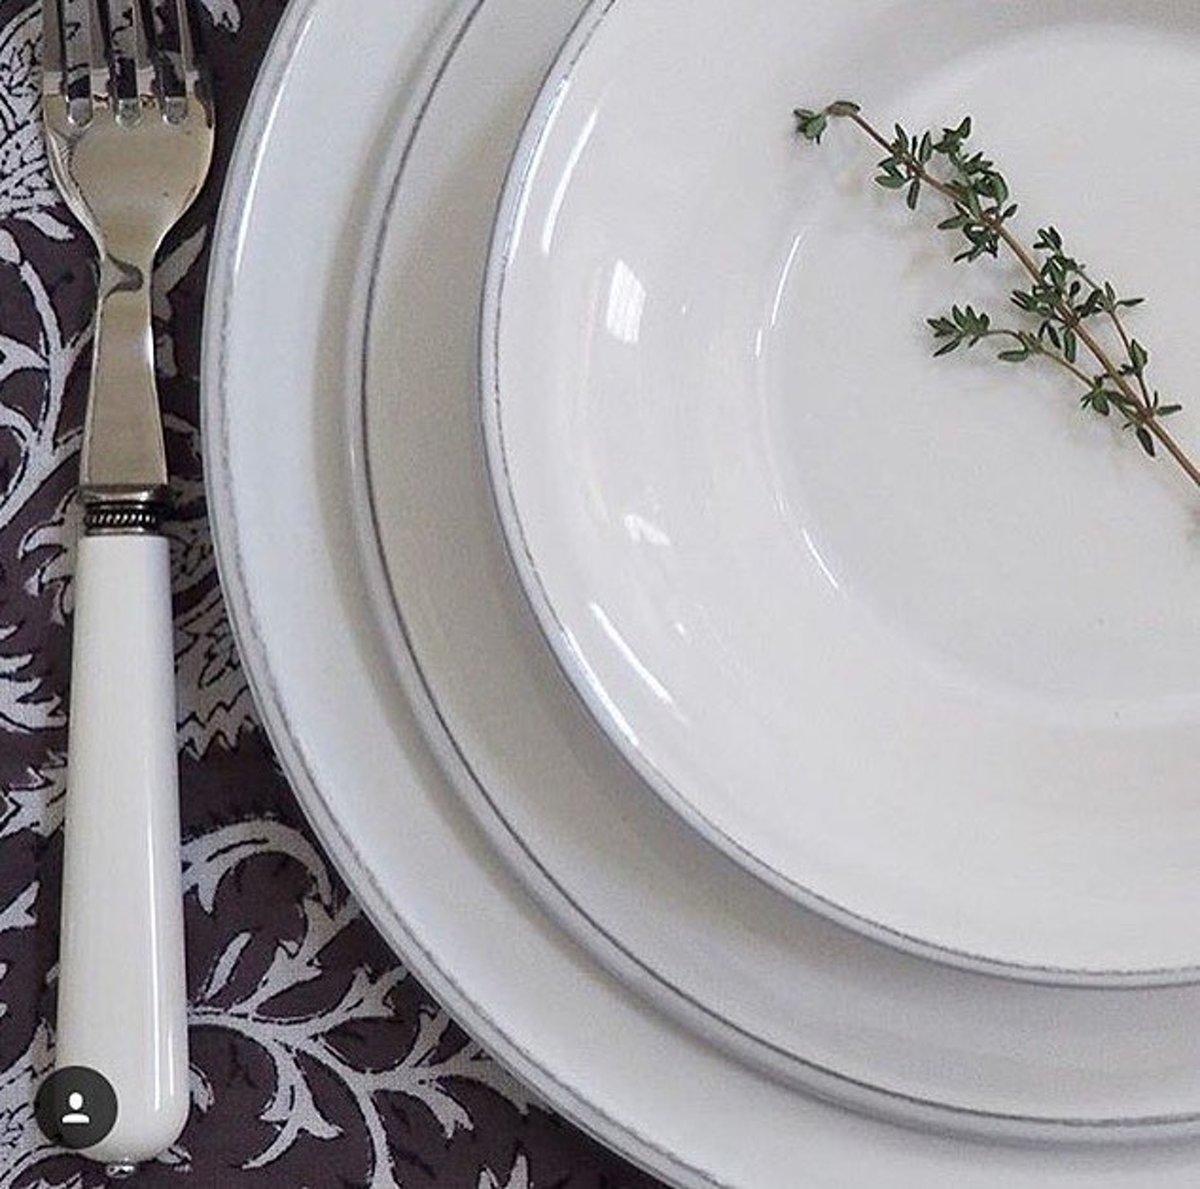 Cot? Table Constance ontbijtborden (4 stuks) - wit